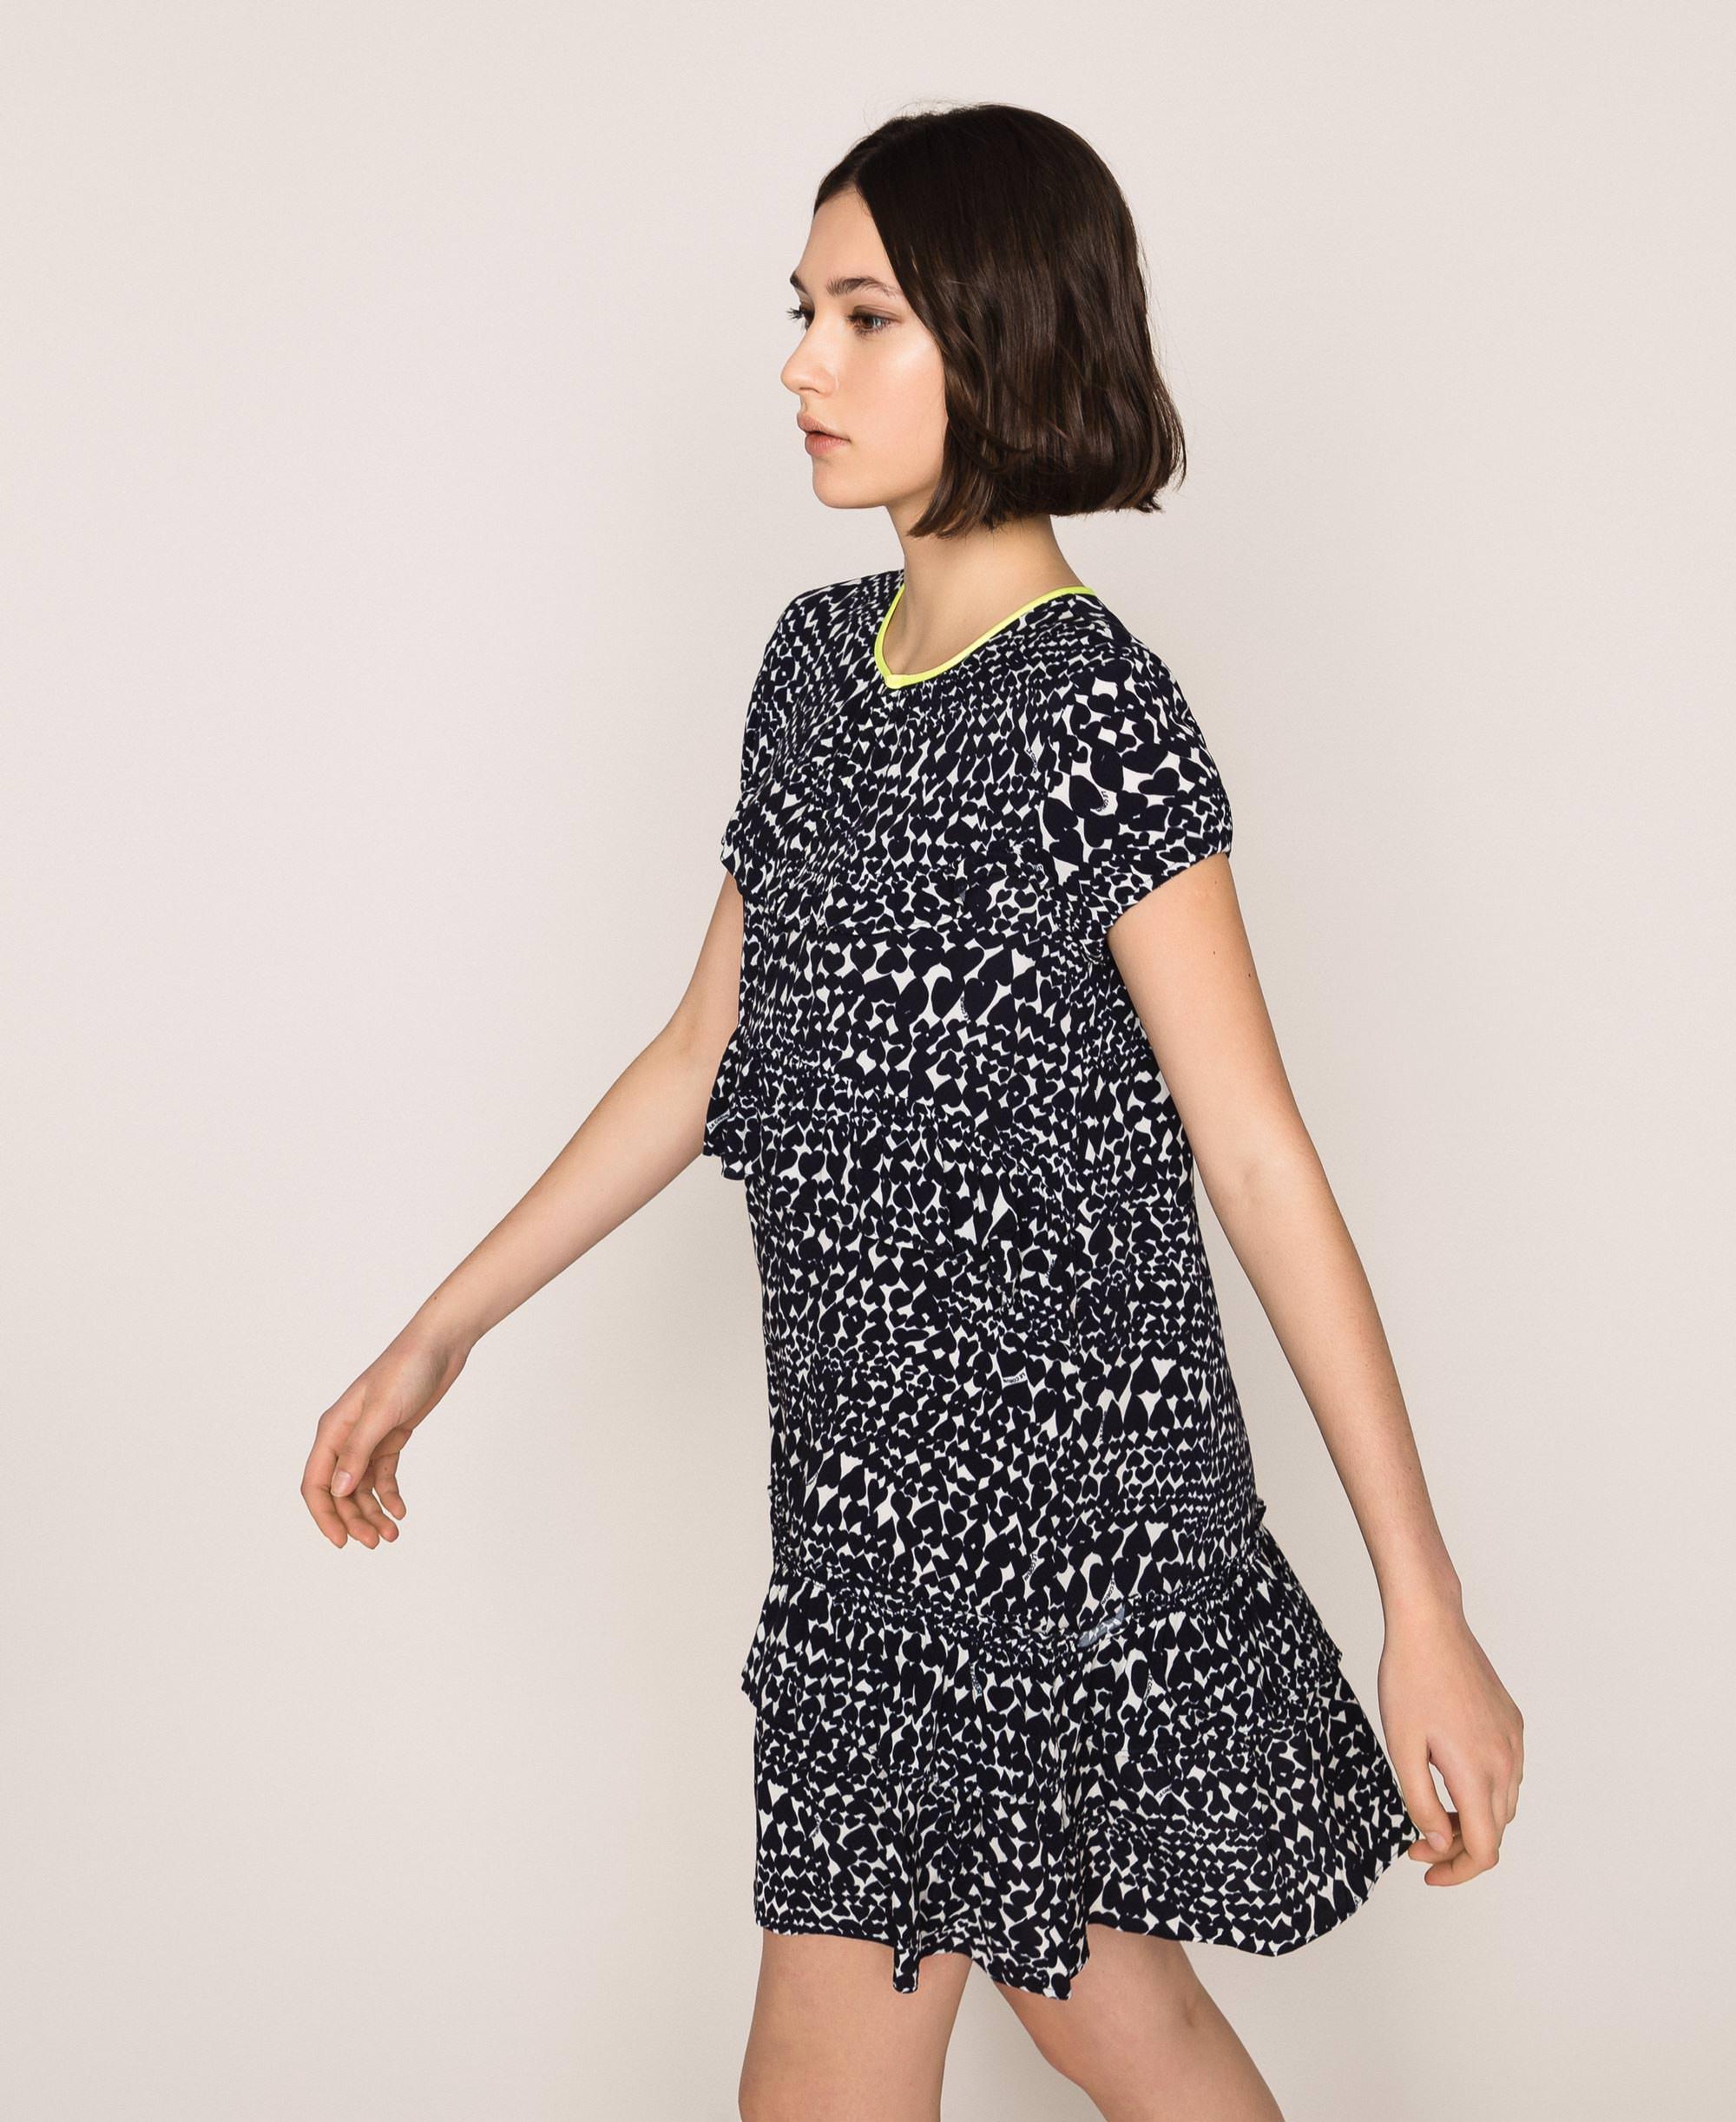 Kleid mit Herzprint und Volants Frau, Blau  TWINSET Milano